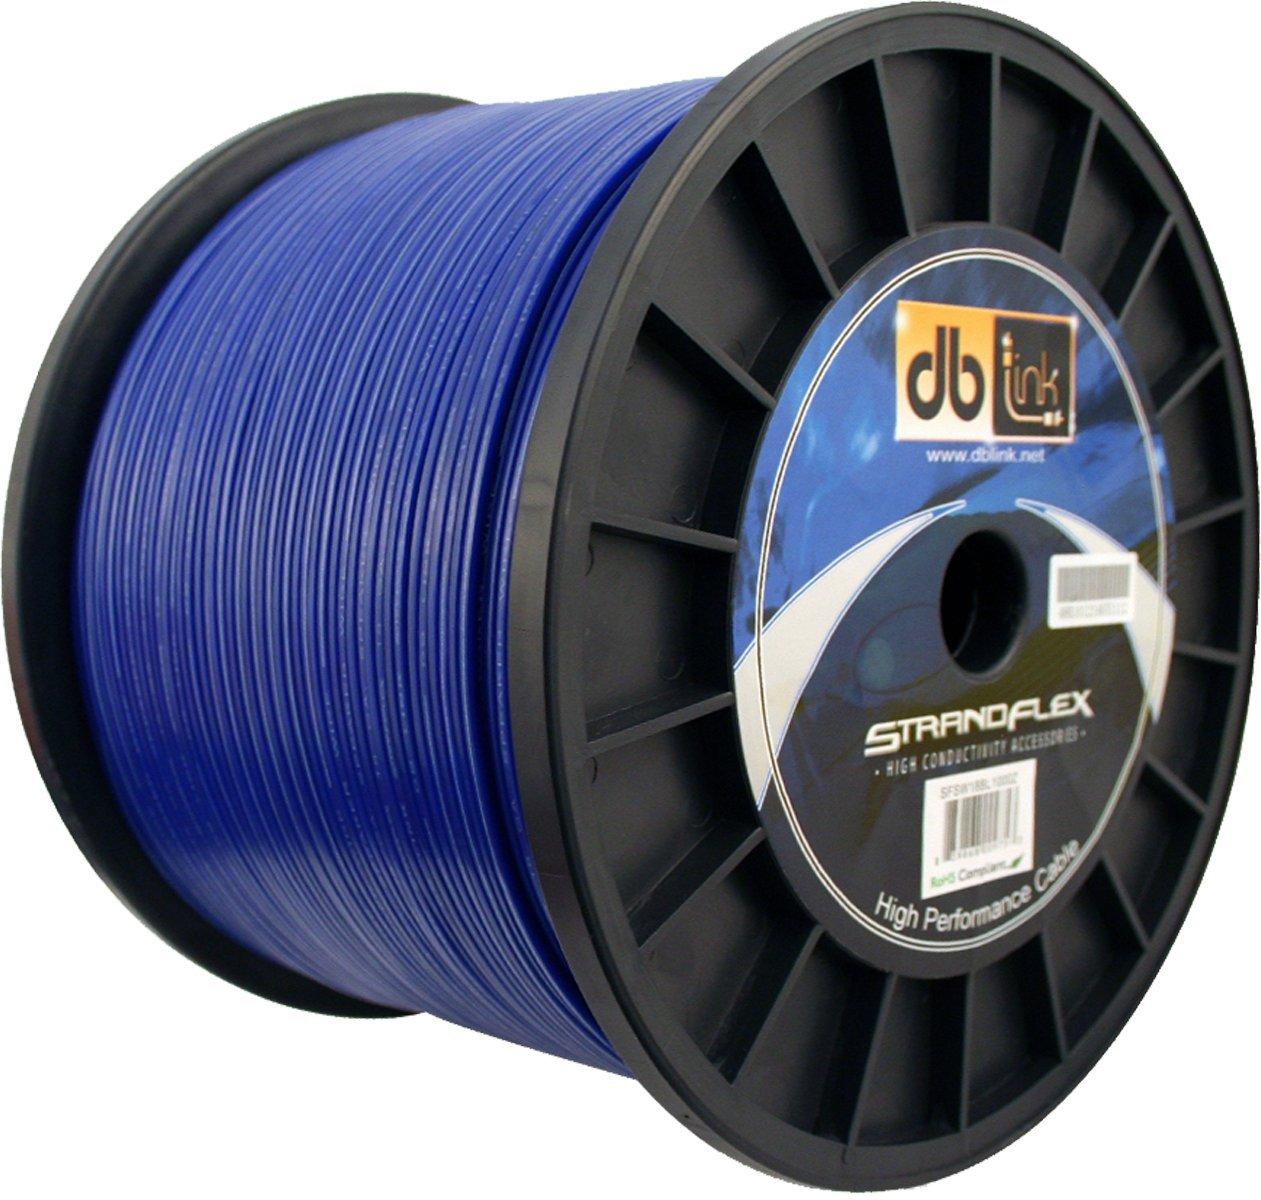 Blue Db Link SFSW18BL1000Z Square Jacket StrandFlex Power Wire Spools